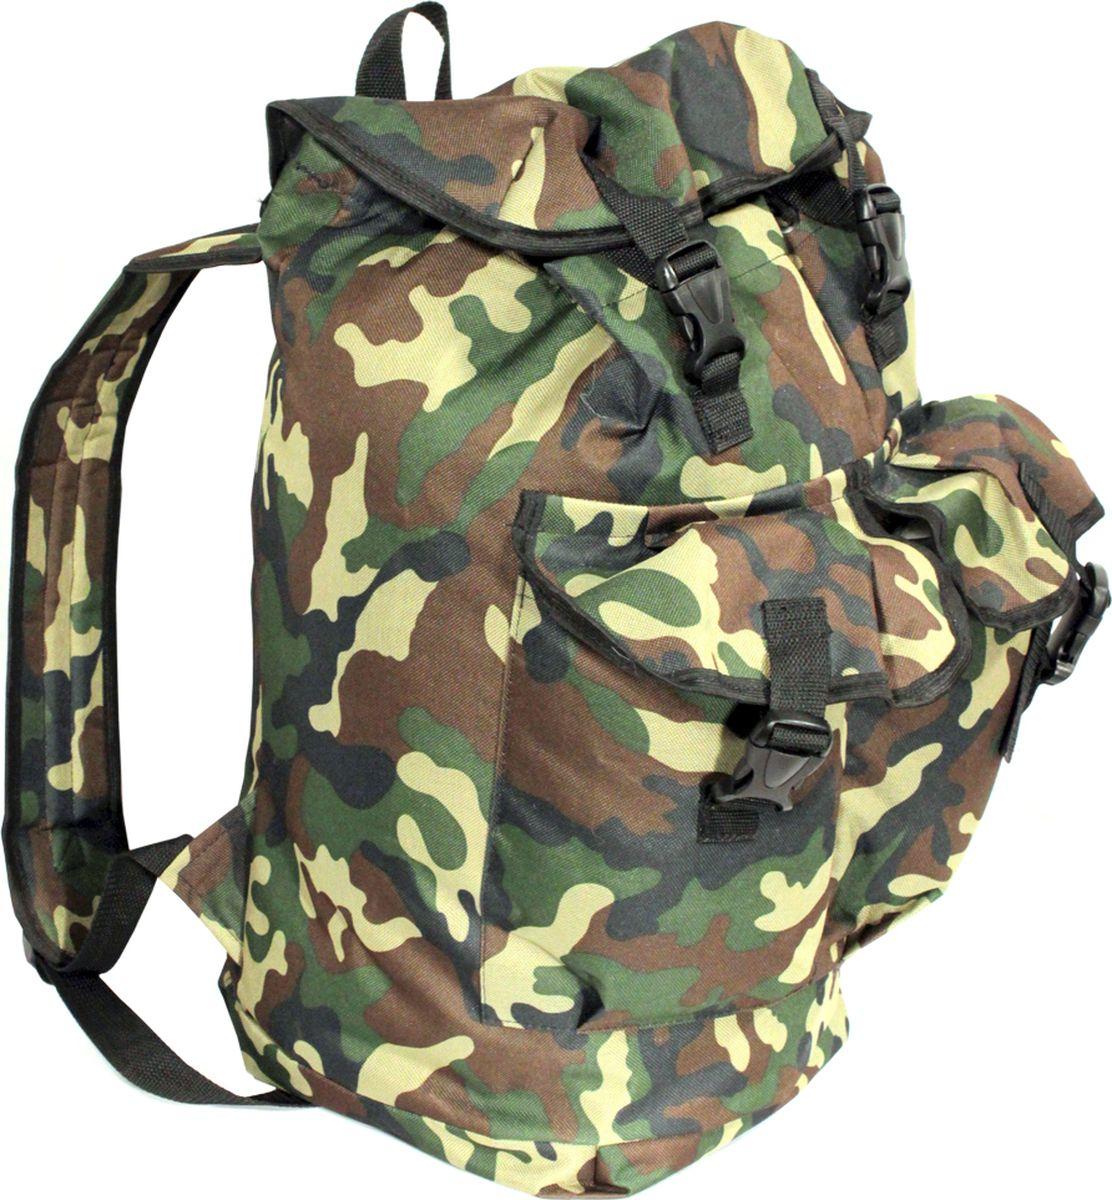 Рюкзак туристический Каприкорн Таежный Люкс, 30 л62500Классический рюкзак с двумя карманами объемом 30 литров.Мягкие плечевые ремни с регулируемой длиной. Застежки карманов и верхнего клапана на стропе с фастексами.Материал: Oxford 600D PVC (100% полиэстер с ПВХ покрытием; 450 гр/м2)